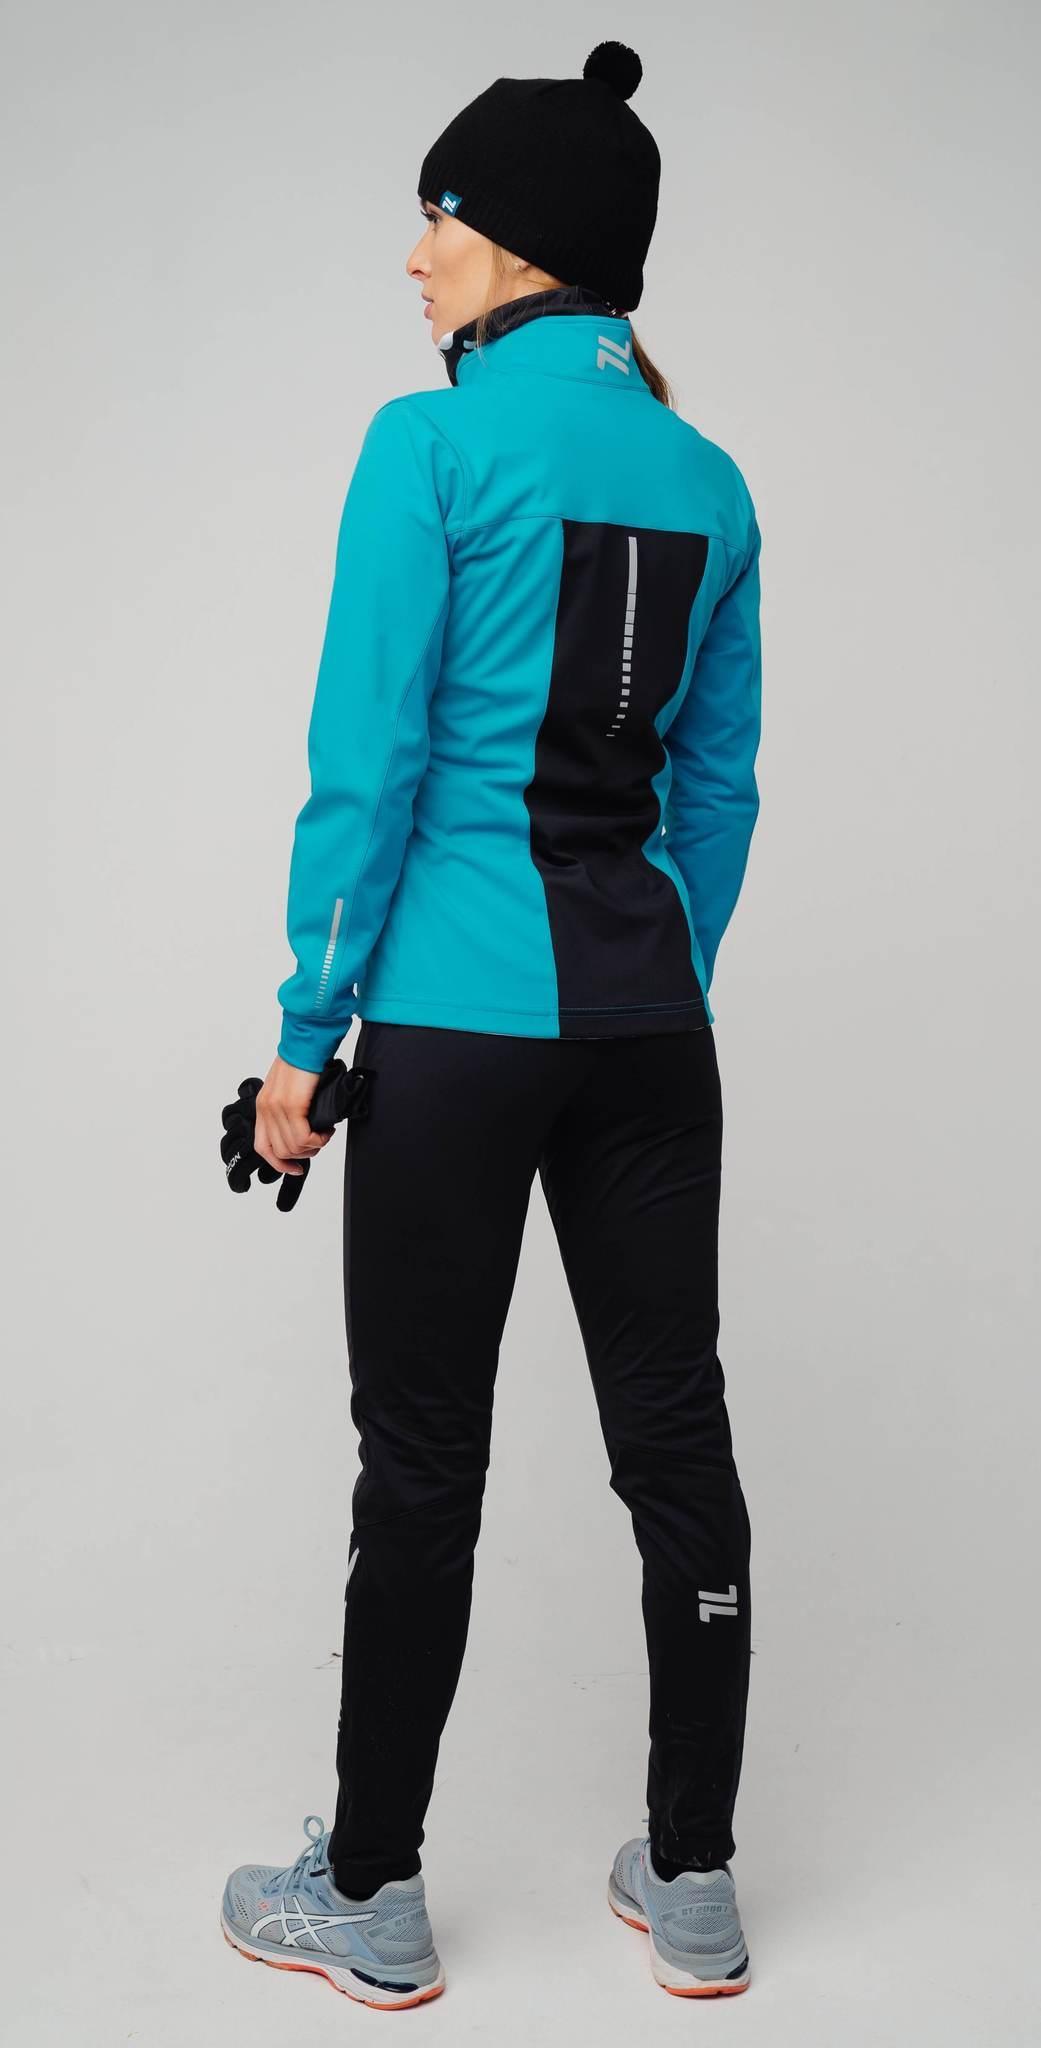 Nordski Pro лыжный костюм женский breeze - 2